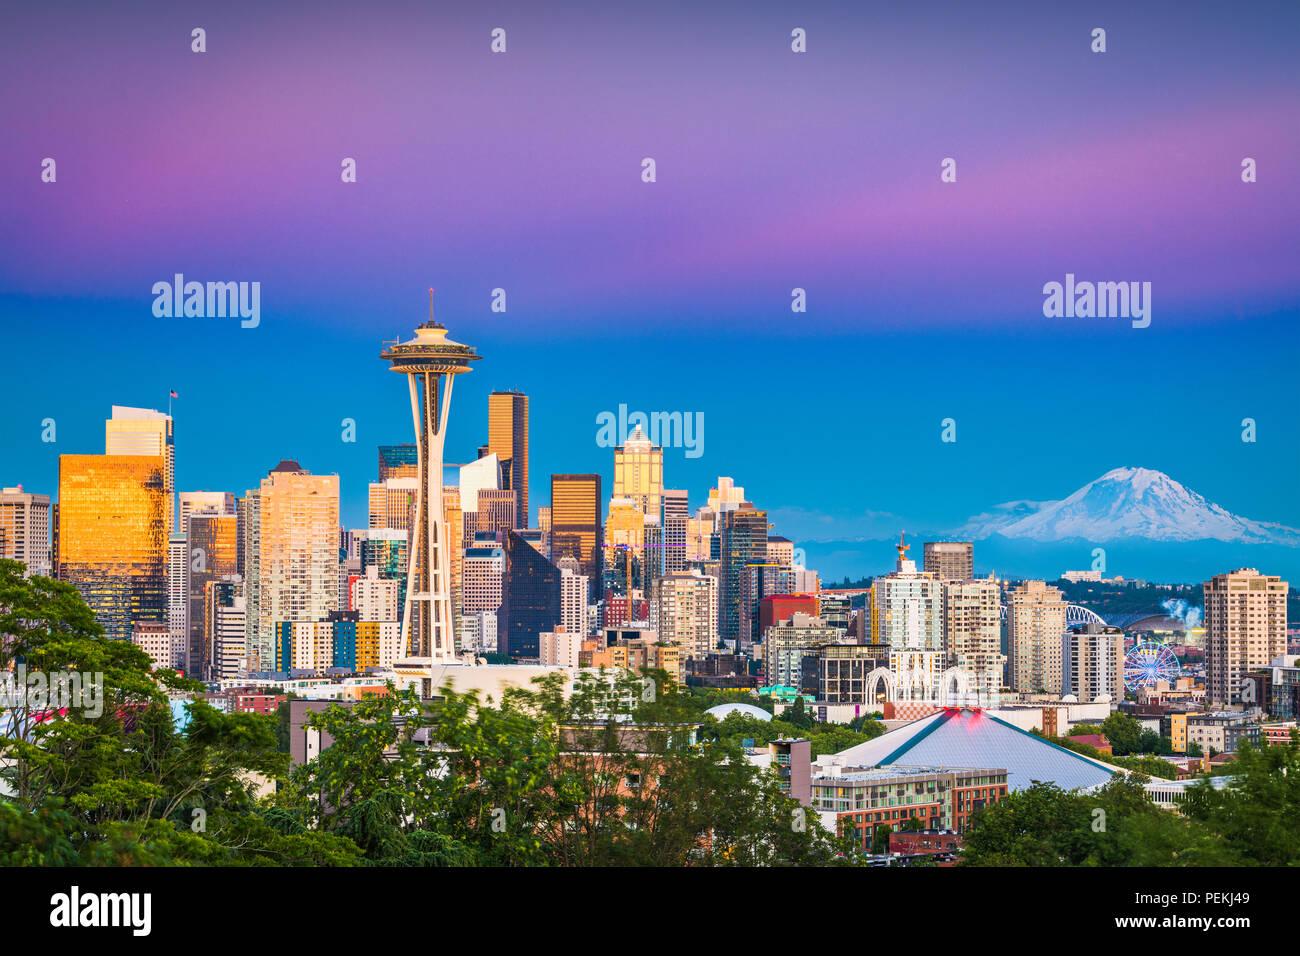 Seattle, Washington, Stati Uniti d'America skyline del centro di notte con Mt. Rainier. Immagini Stock